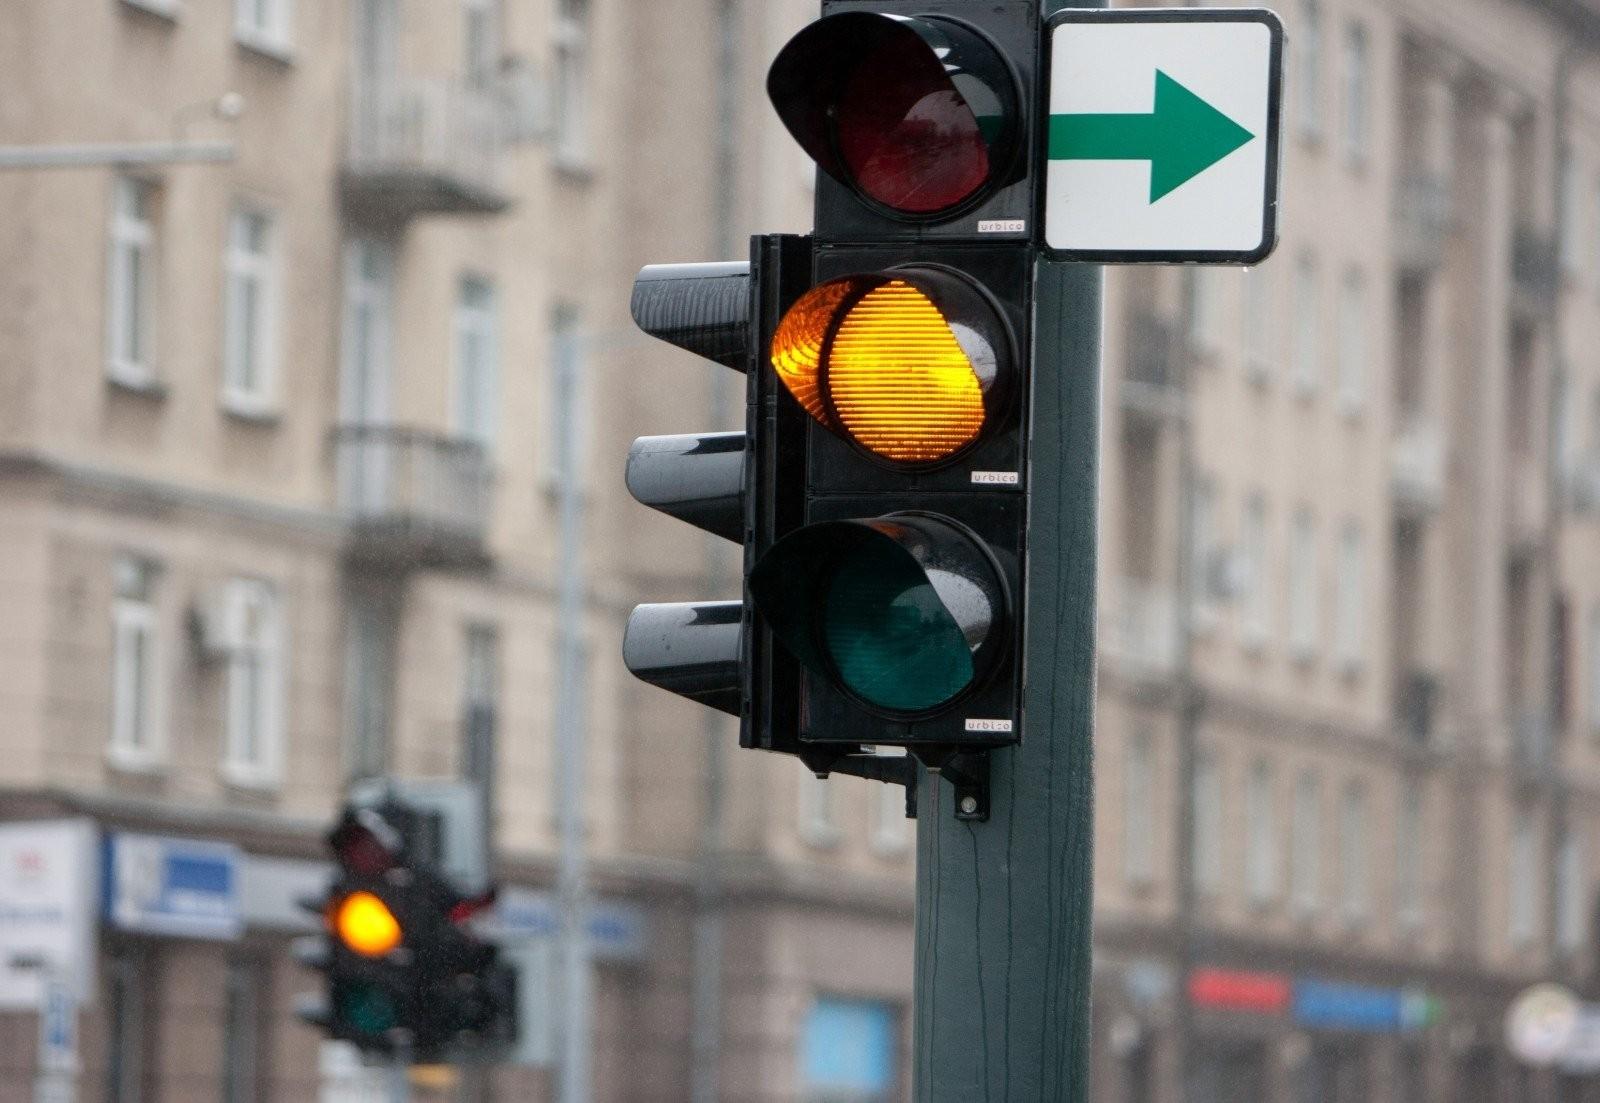 Geltonas signalas draudžia eismą